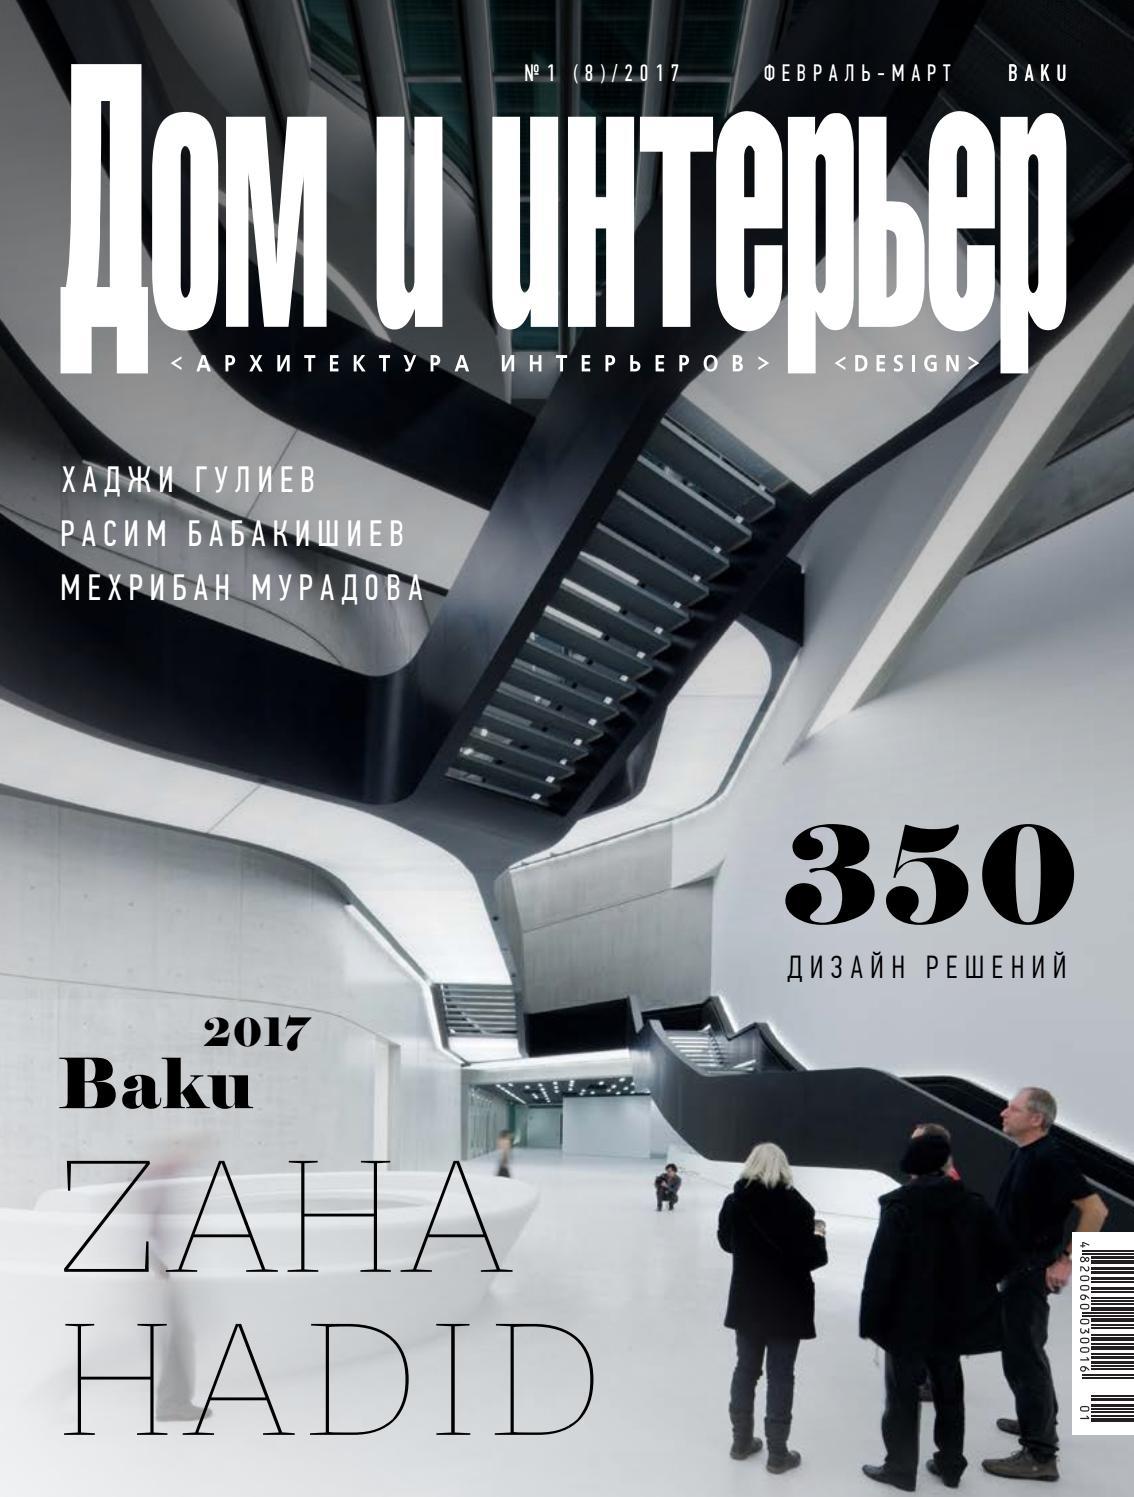 журнал красивые квартиры февраль 2013г